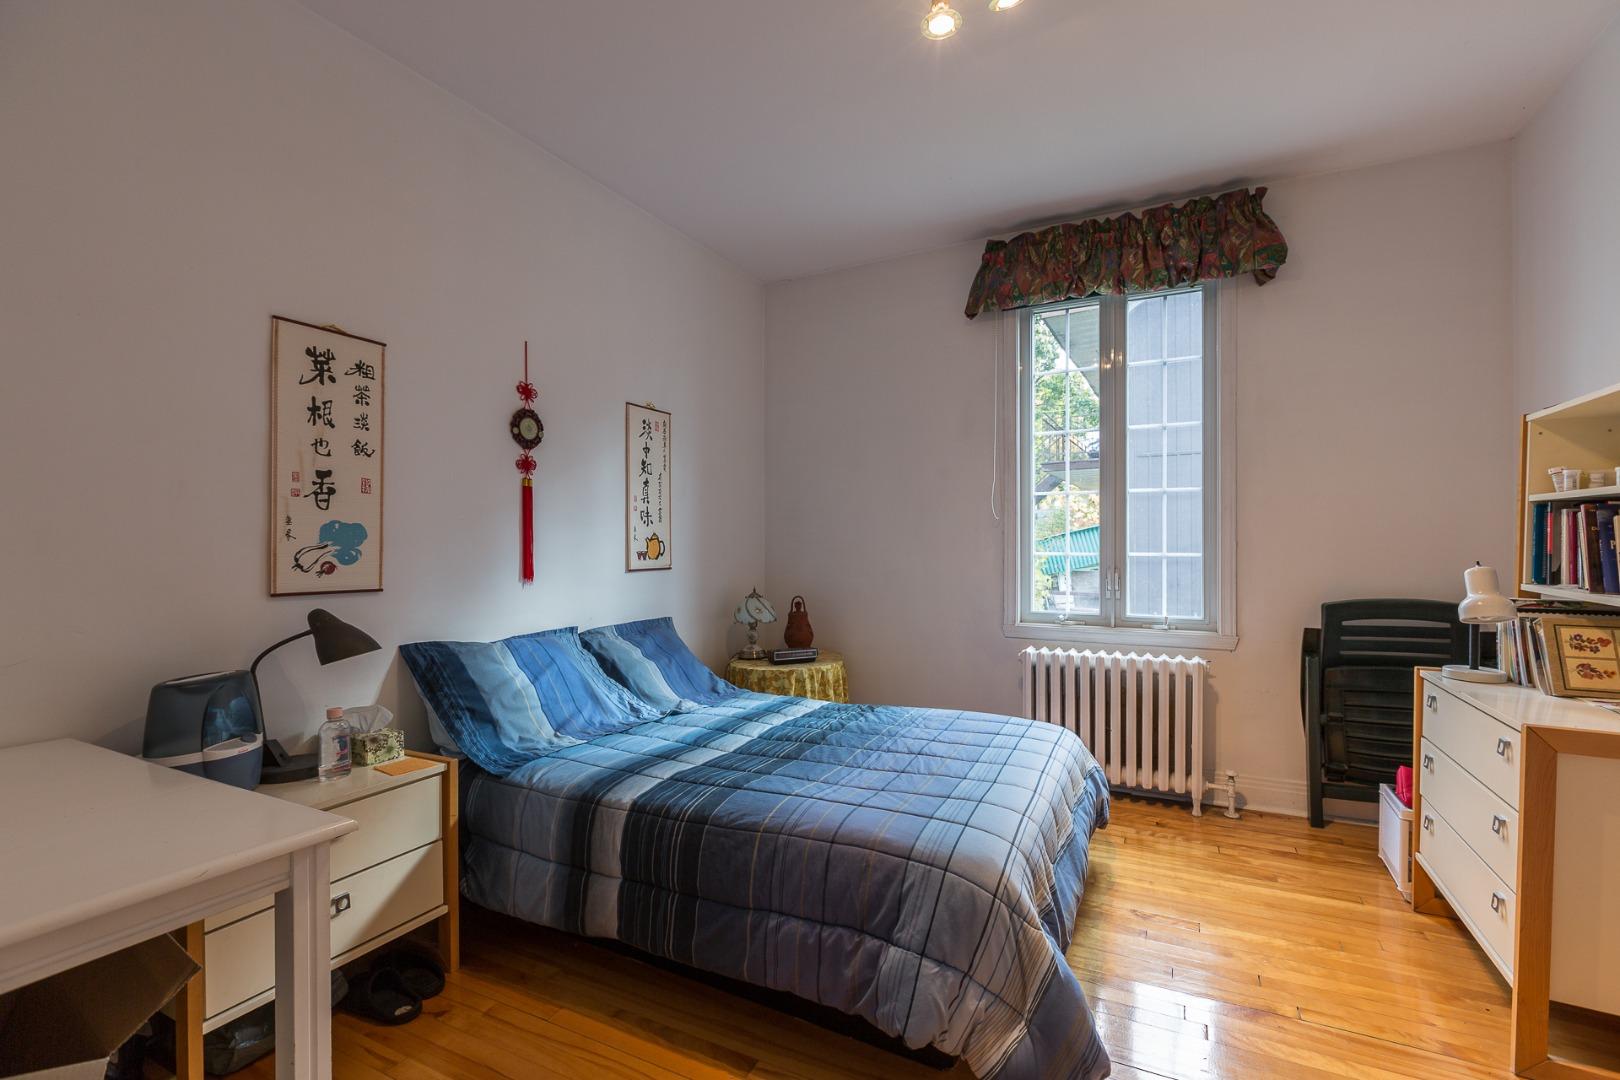 Duplex à vendre Montréal Ahuntsic-Cartierville-Nouveau Bordeaux - Chambre à coucher